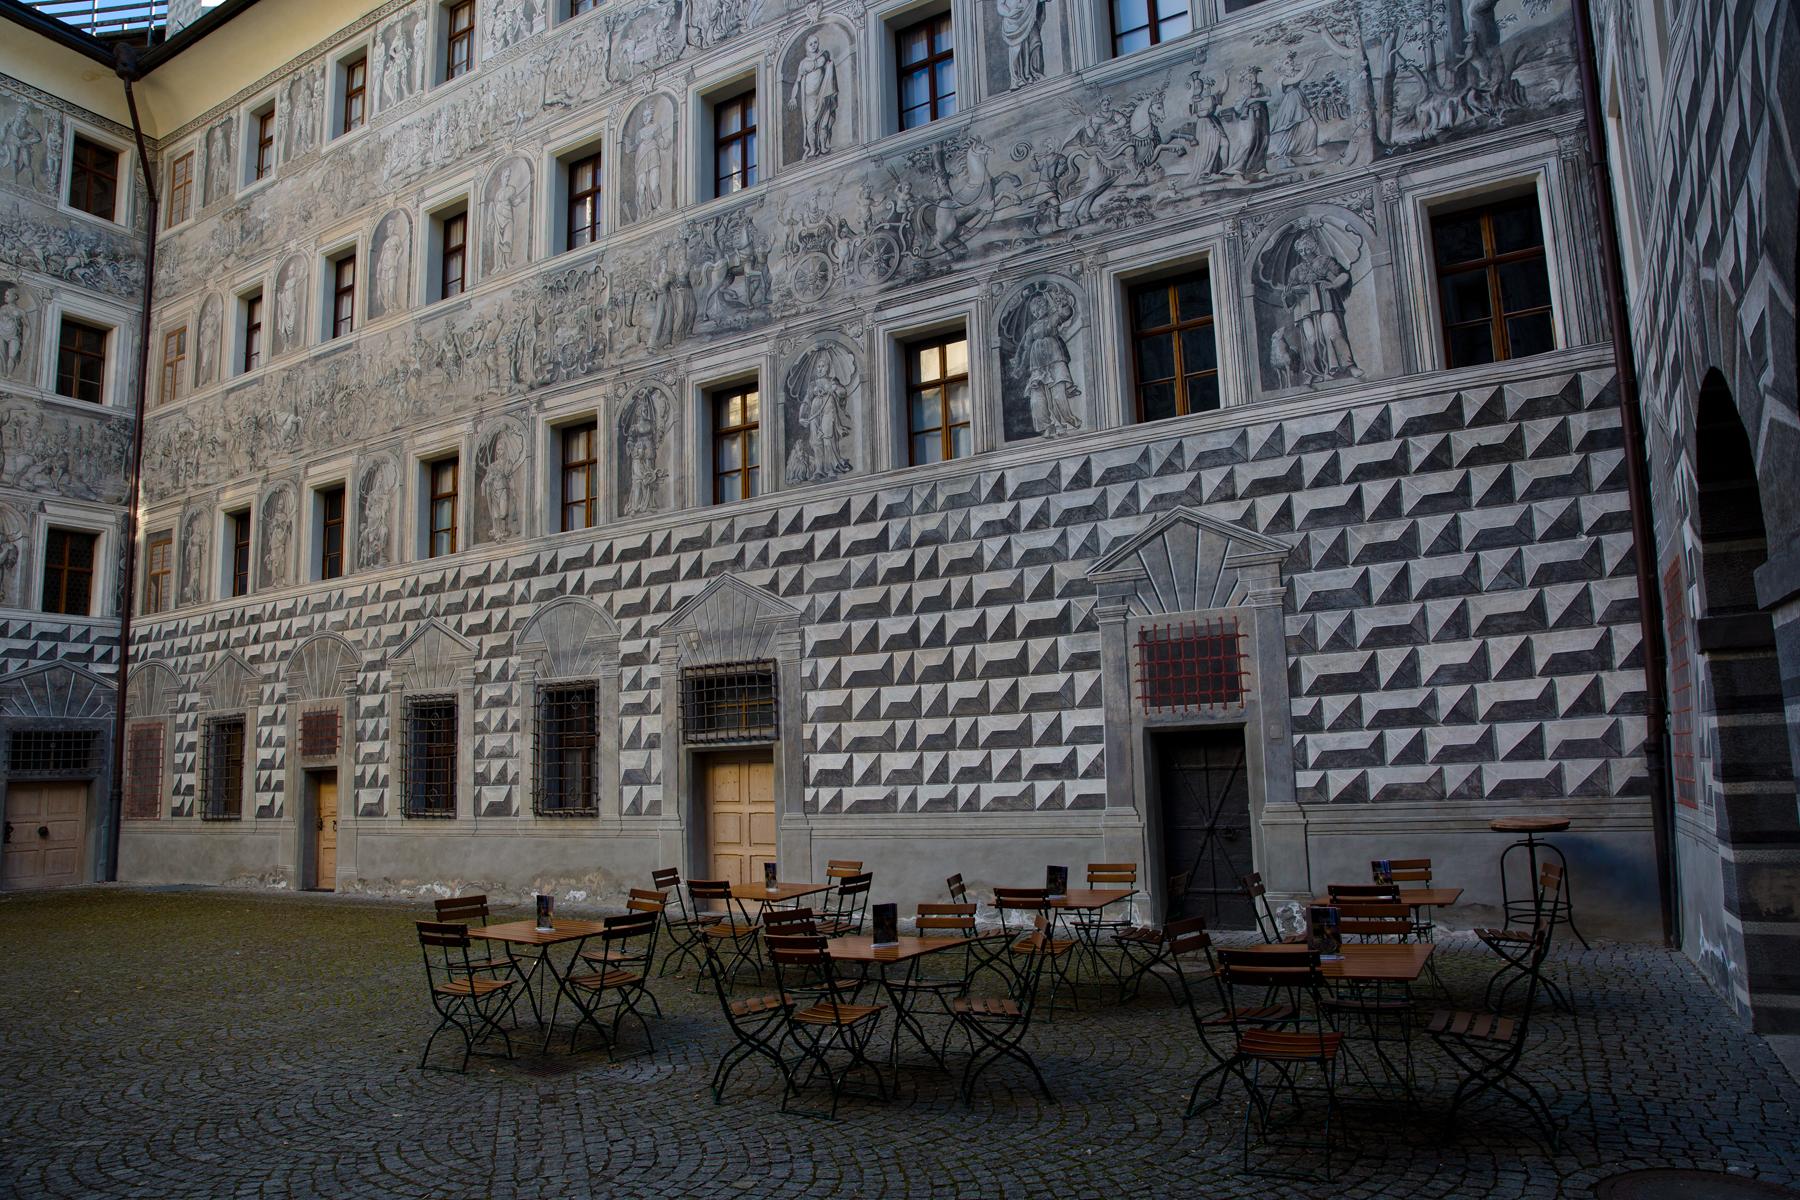 Grisaillemalrei am Gebäude im Innenhof